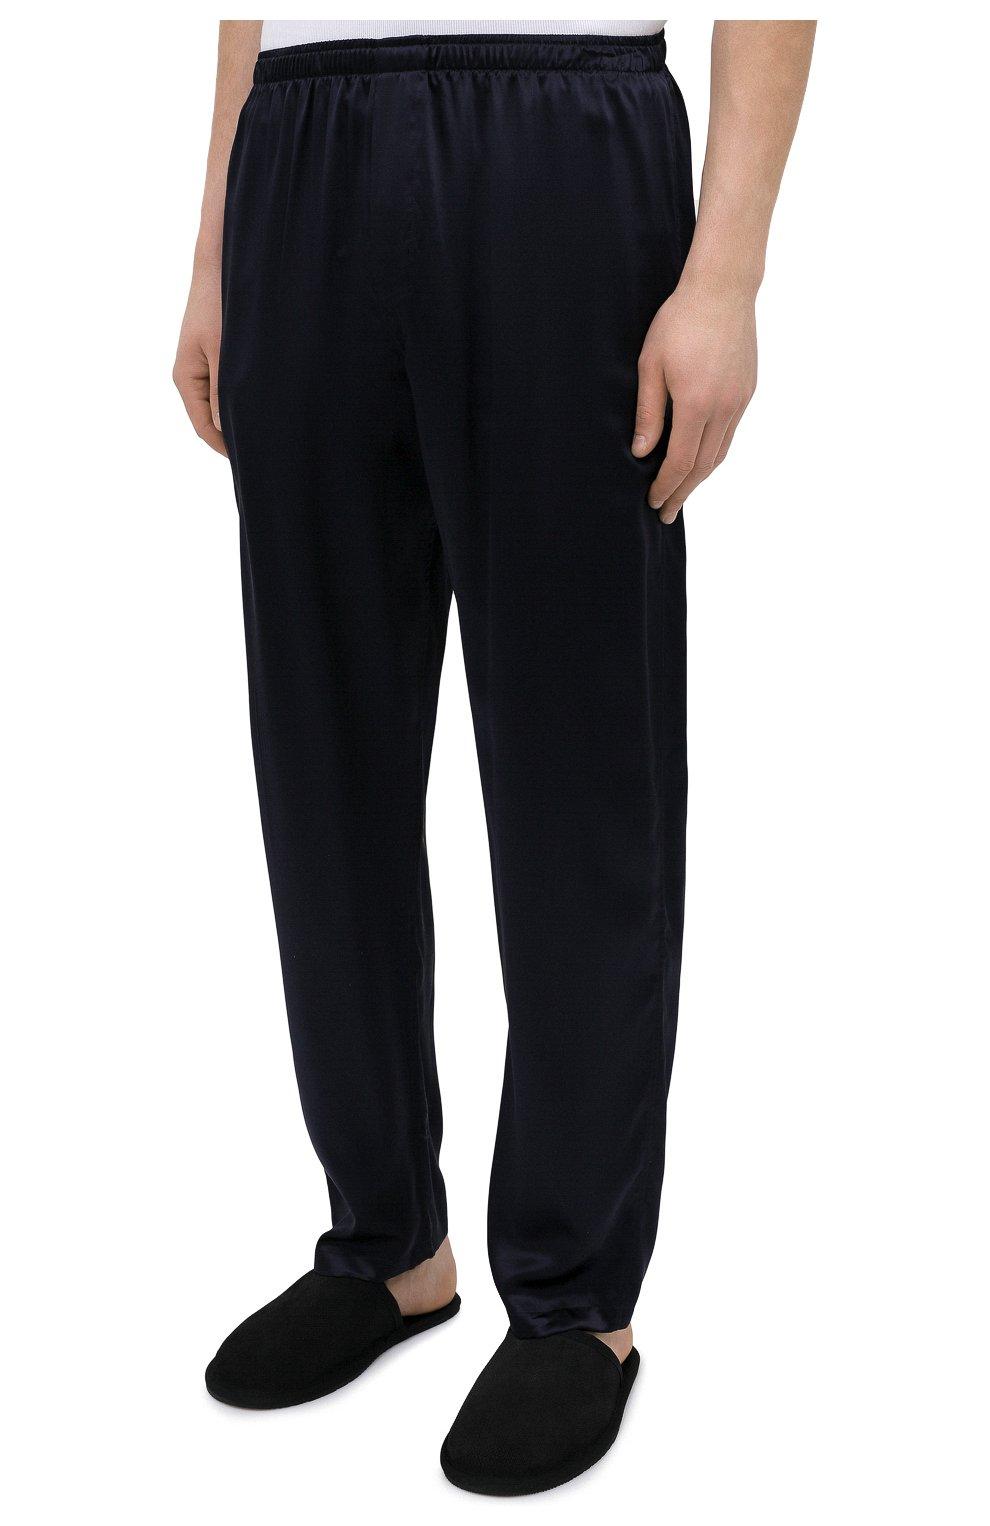 Мужская шелковая пижама ZIMMERLI темно-синего цвета, арт. 6000-75130   Фото 5 (Материал внешний: Шелк; Рукава: Длинные; Длина (брюки, джинсы): Стандартные; Кросс-КТ: домашняя одежда; Длина (для топов): Стандартные)